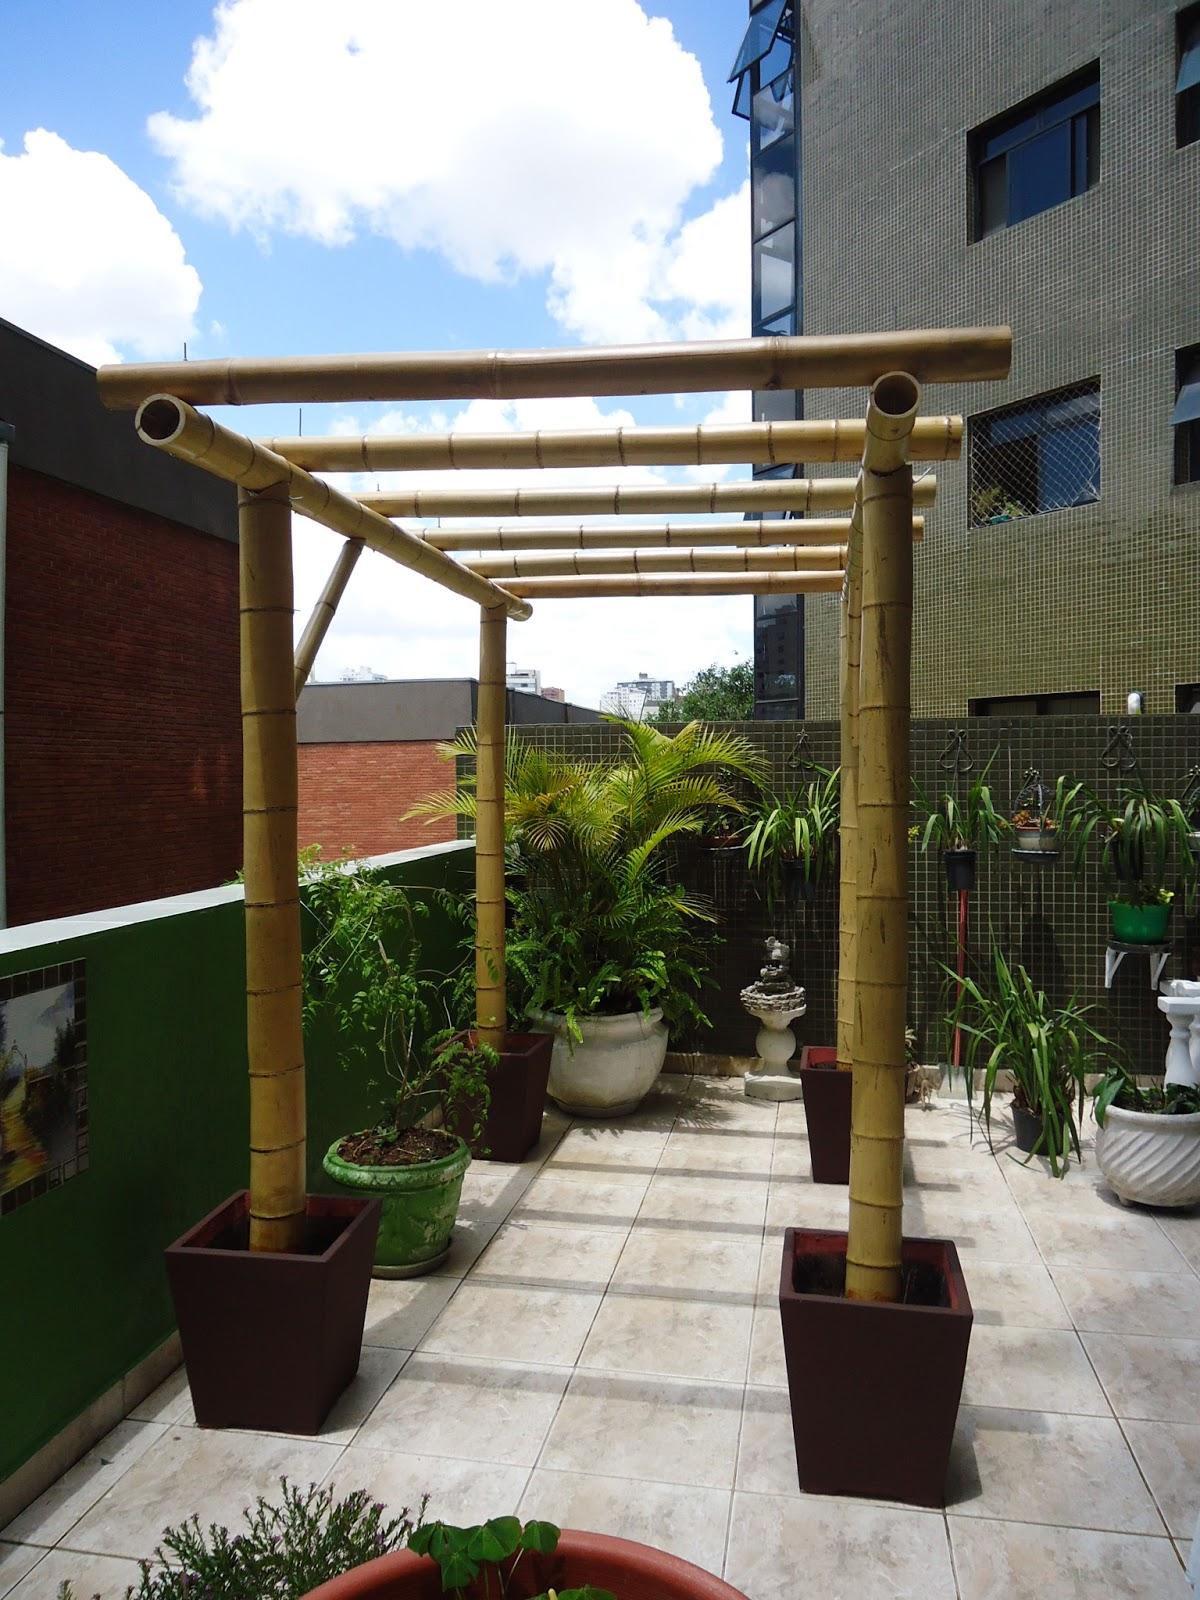 Vida bambu curitiba pr p rgola em bambu - Pergola bambu ...